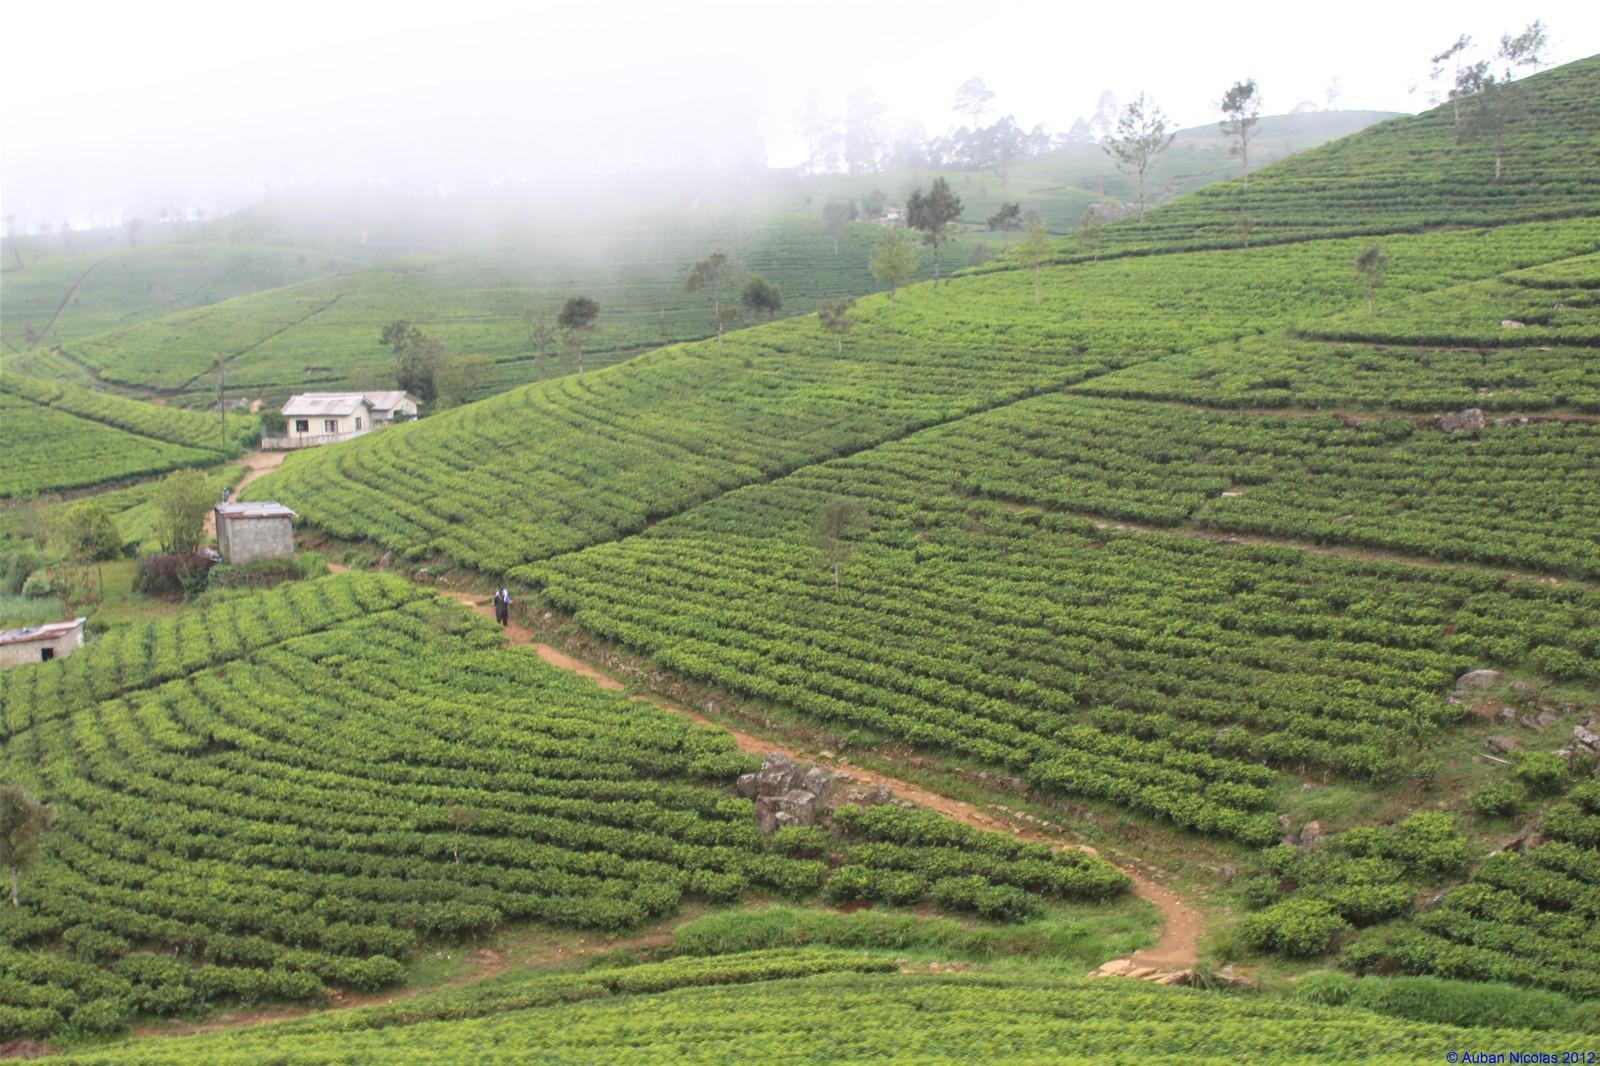 Paroles de voyageurs #7 : Nicolas, le globe-trotteur atypique au Sri Lanka !